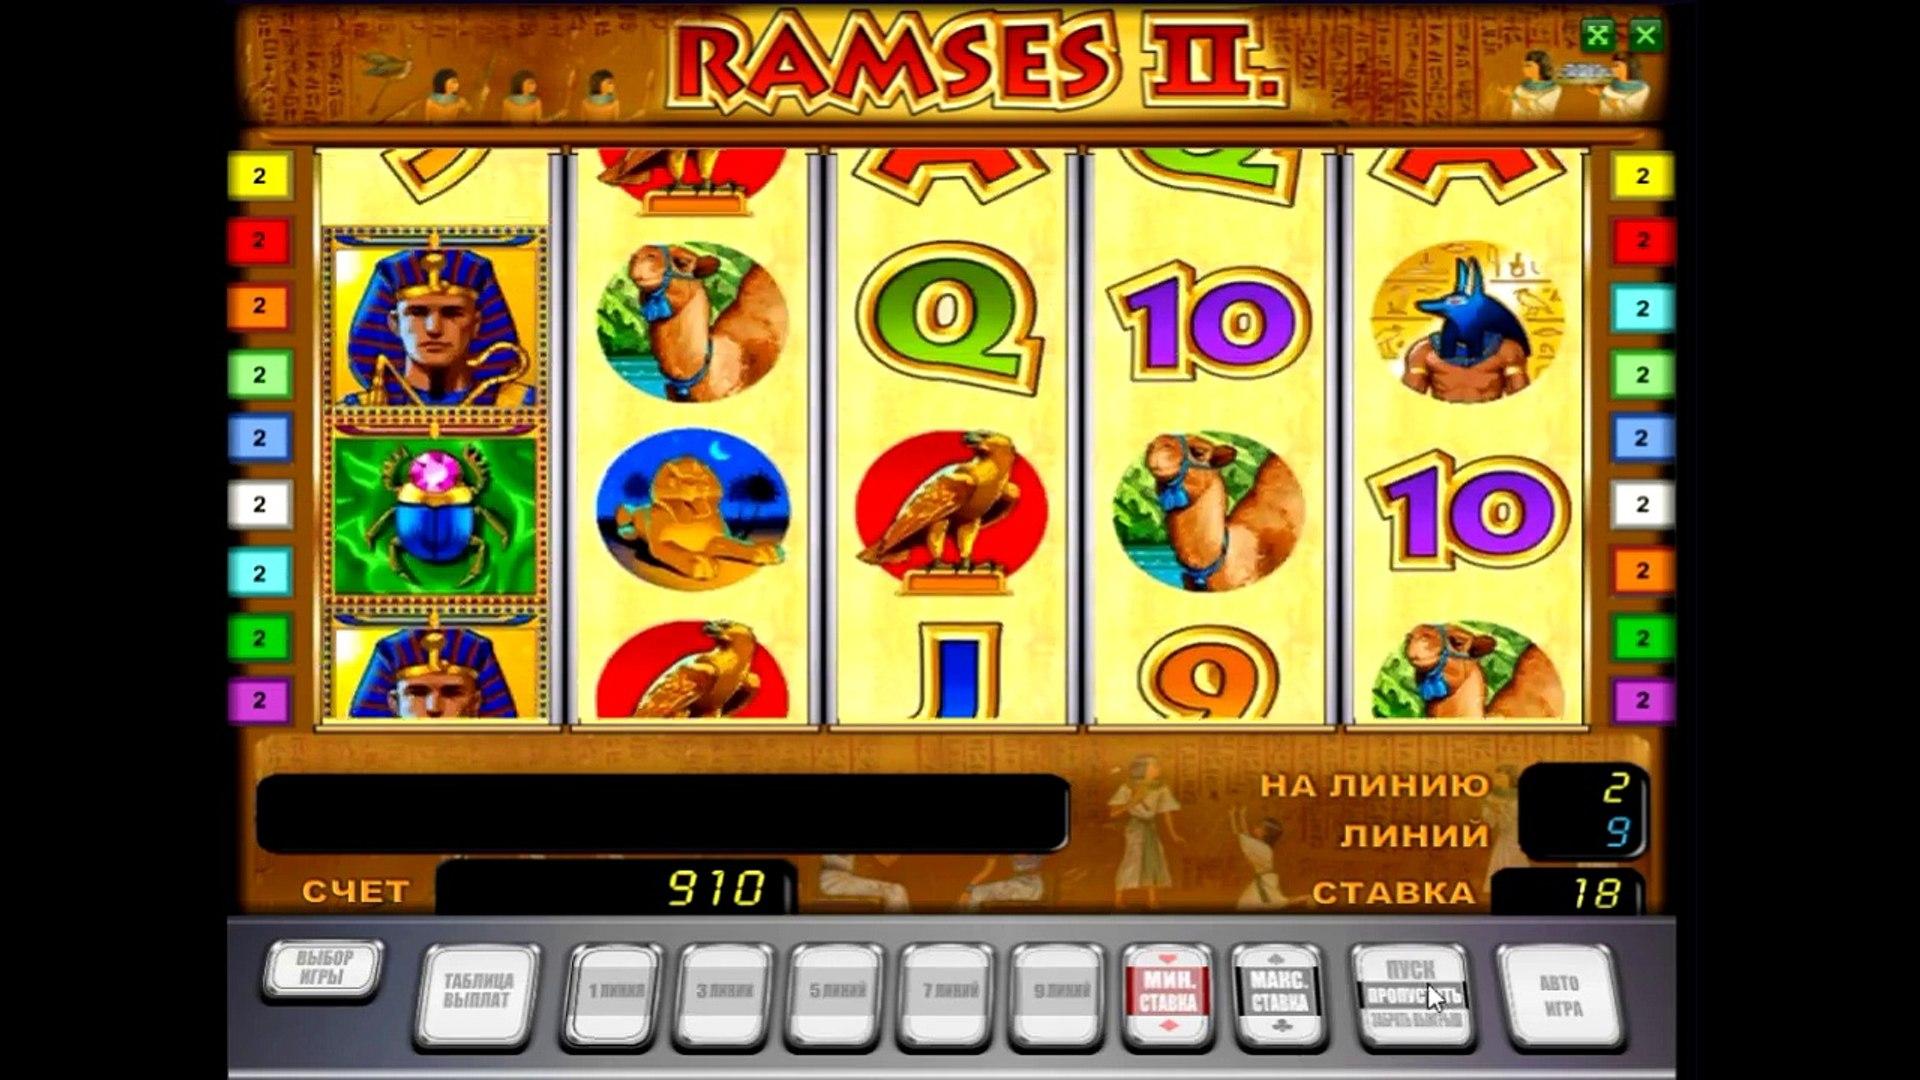 ramses 2 описание игрового автомата